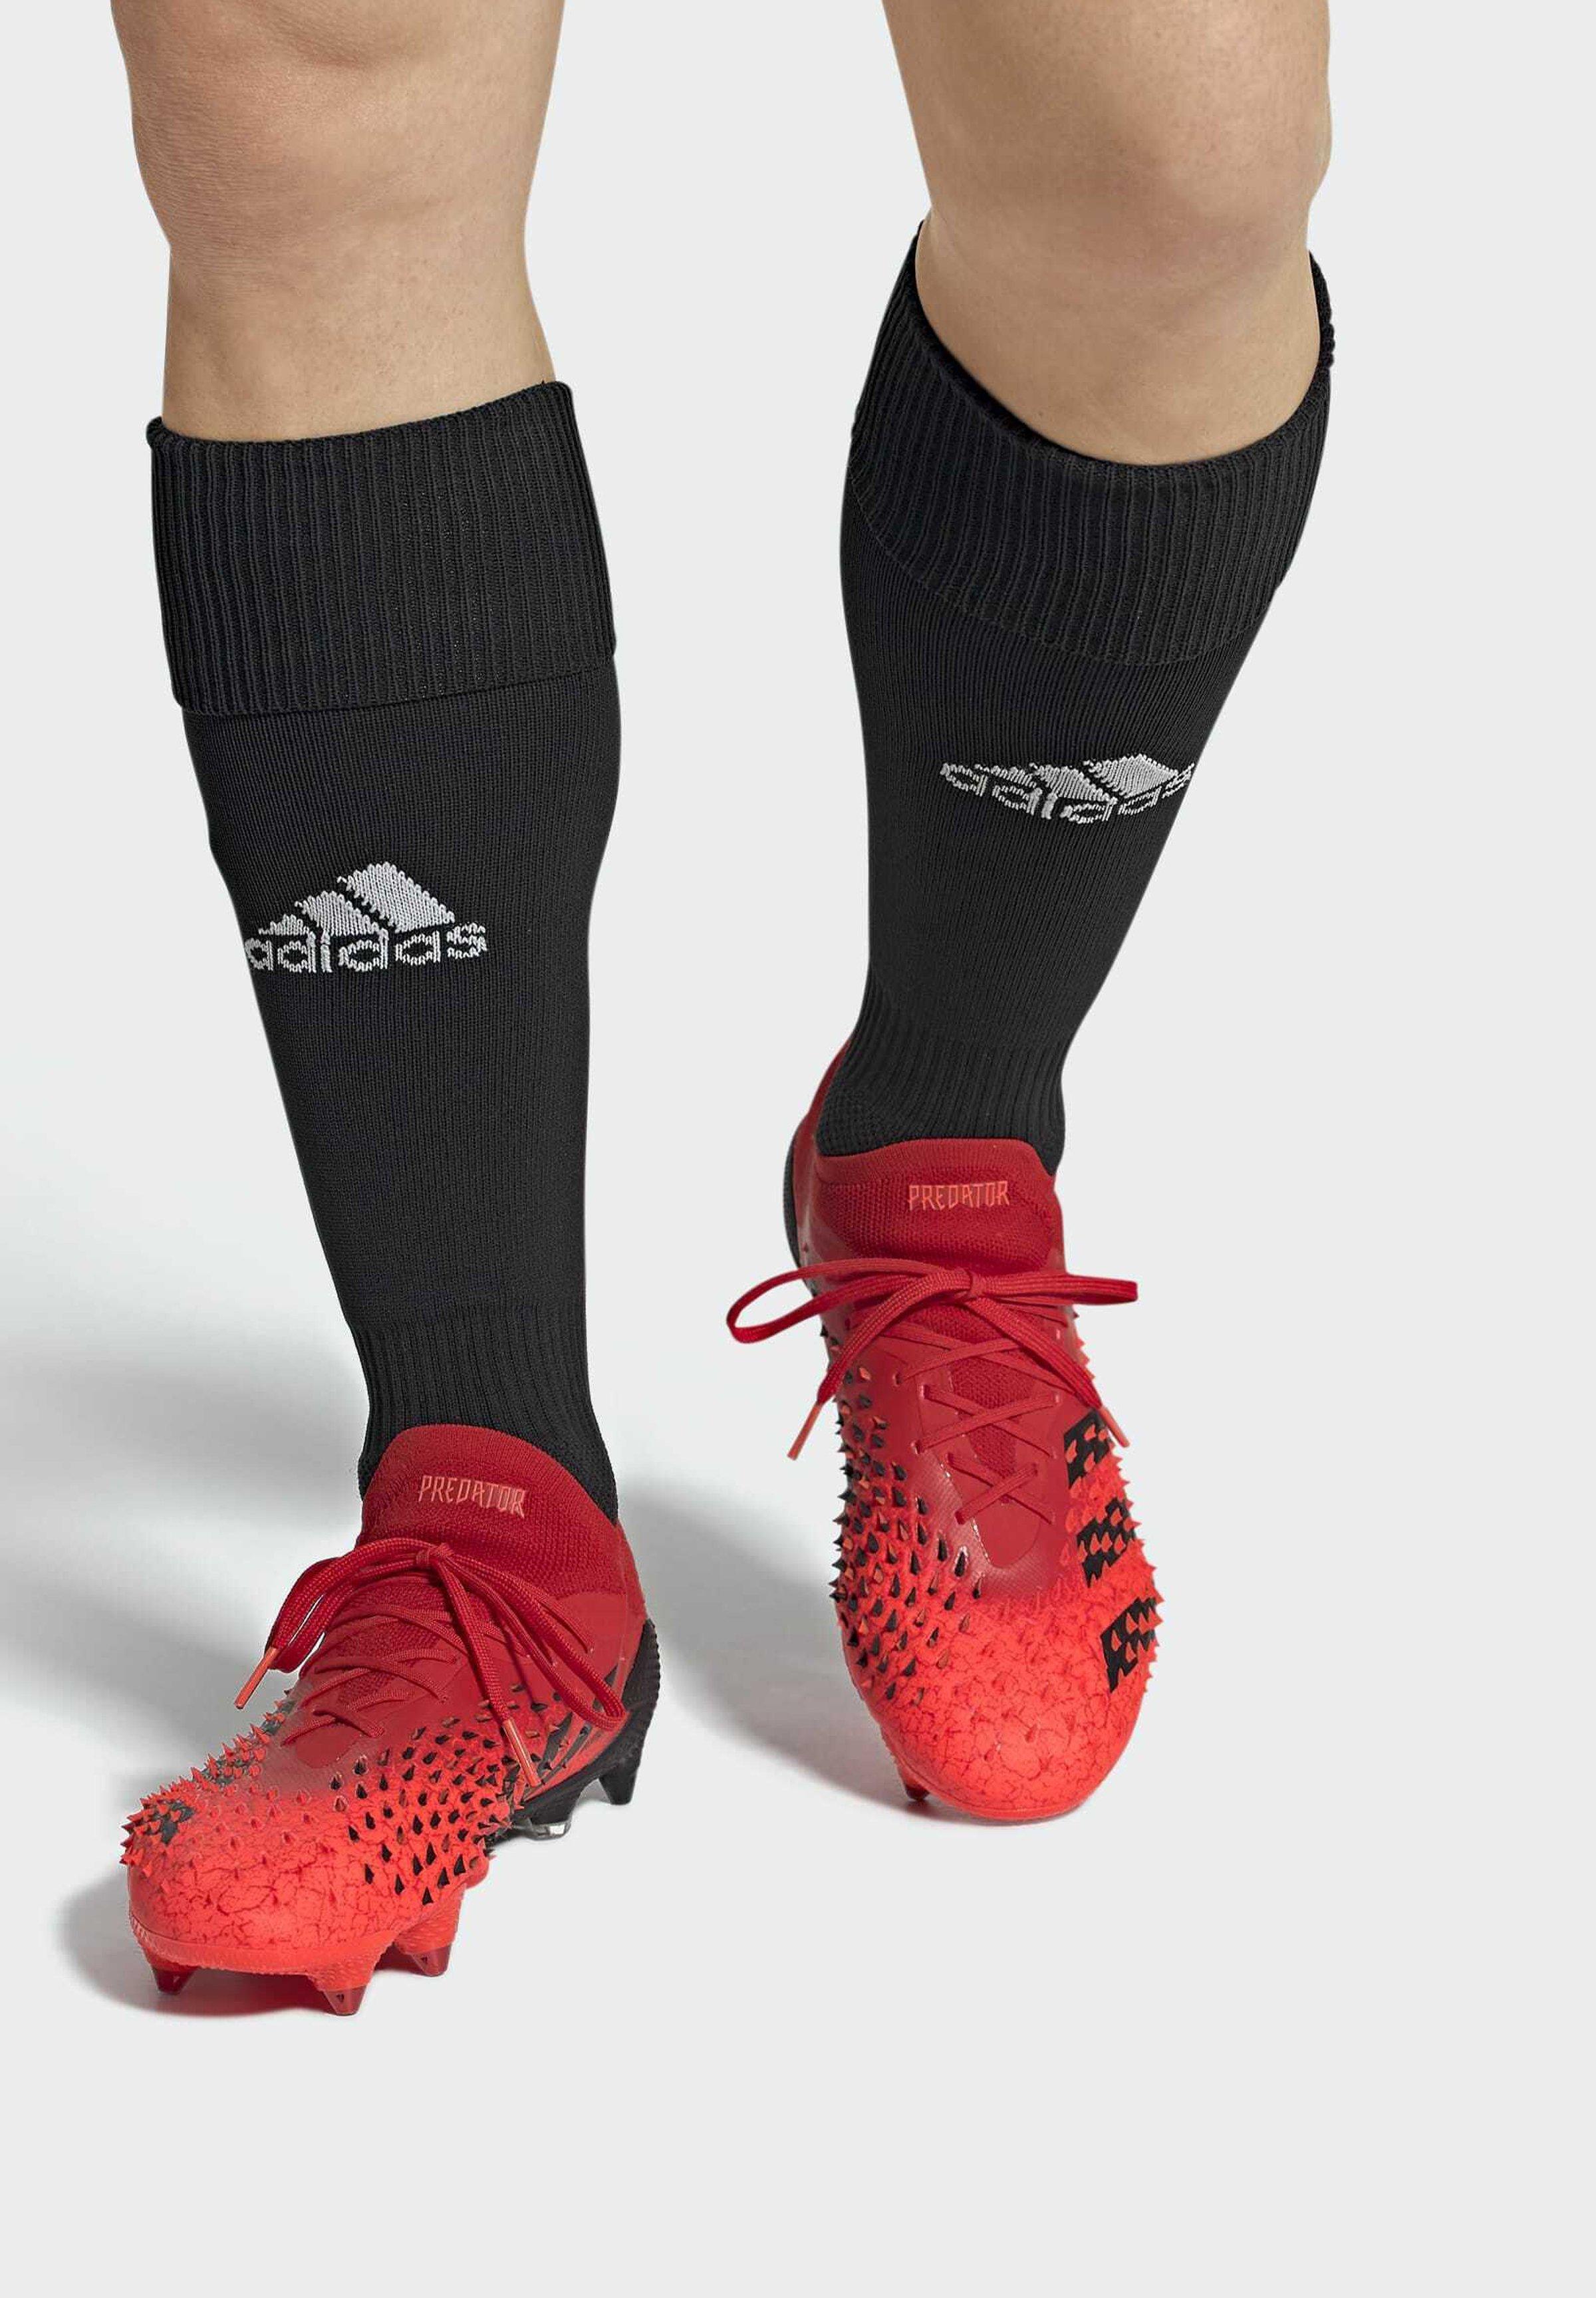 Uomo Scarpe da calcetto con tacchetti